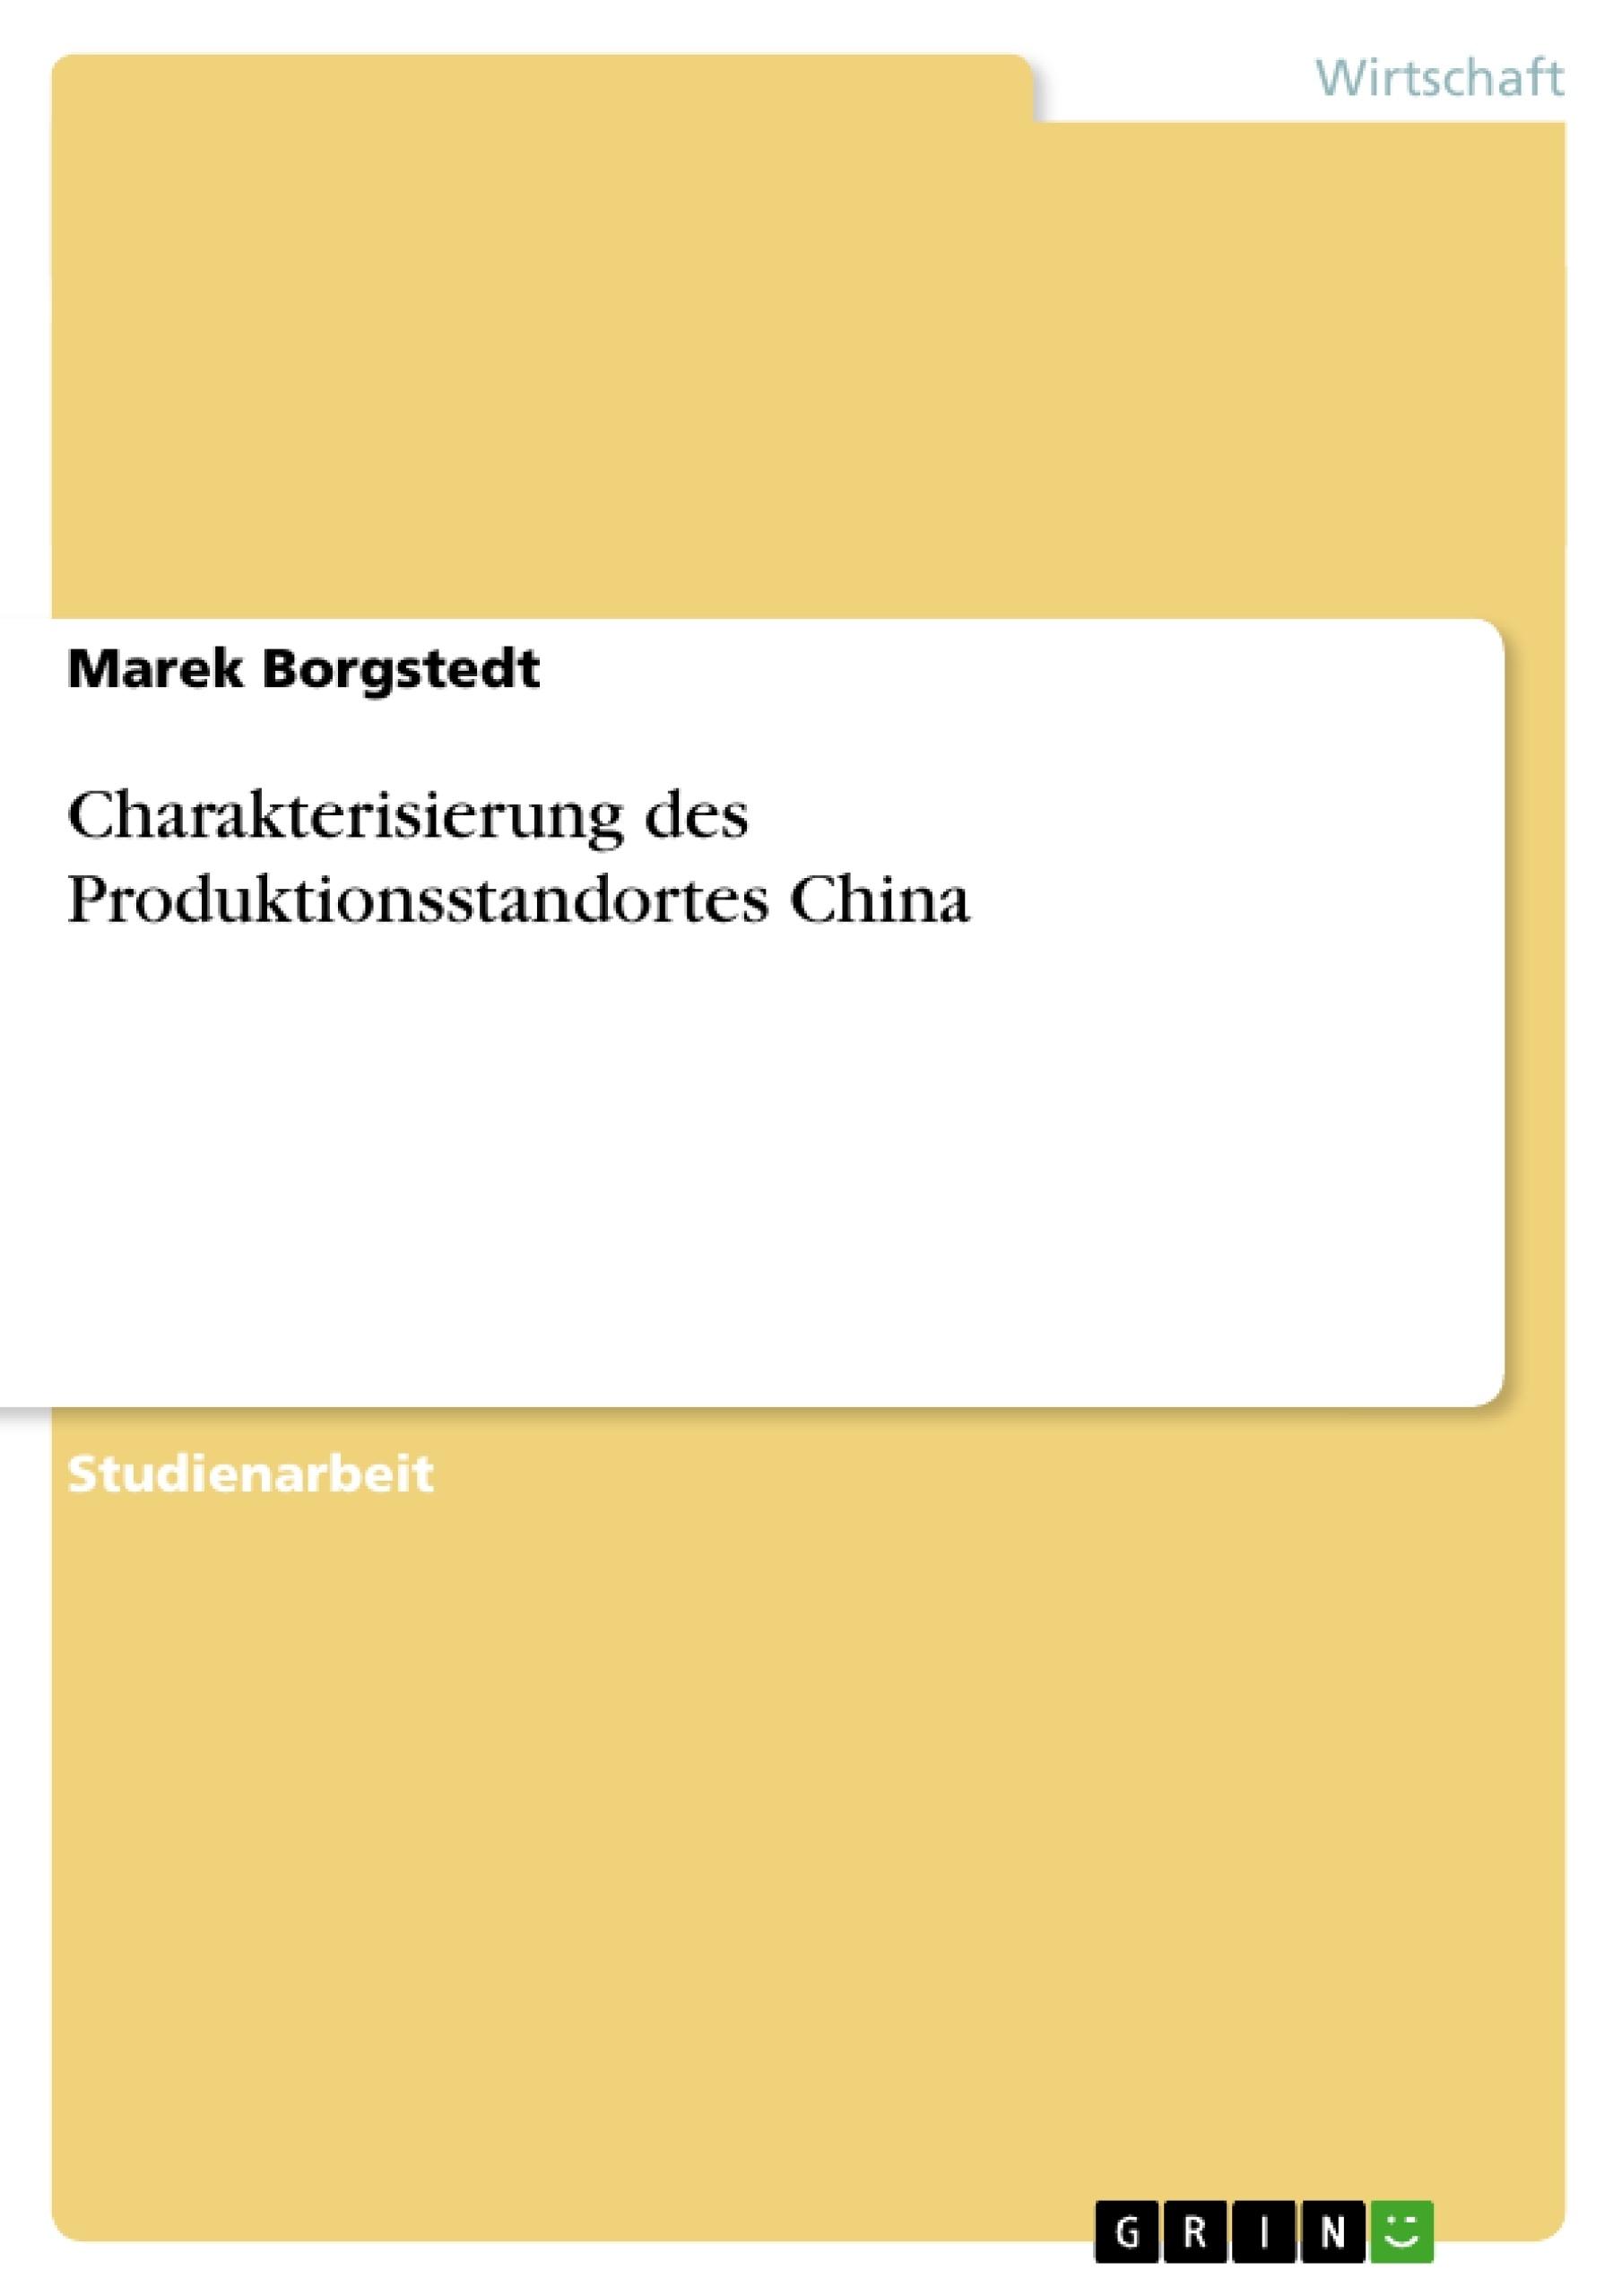 Titel: Charakterisierung des Produktionsstandortes China